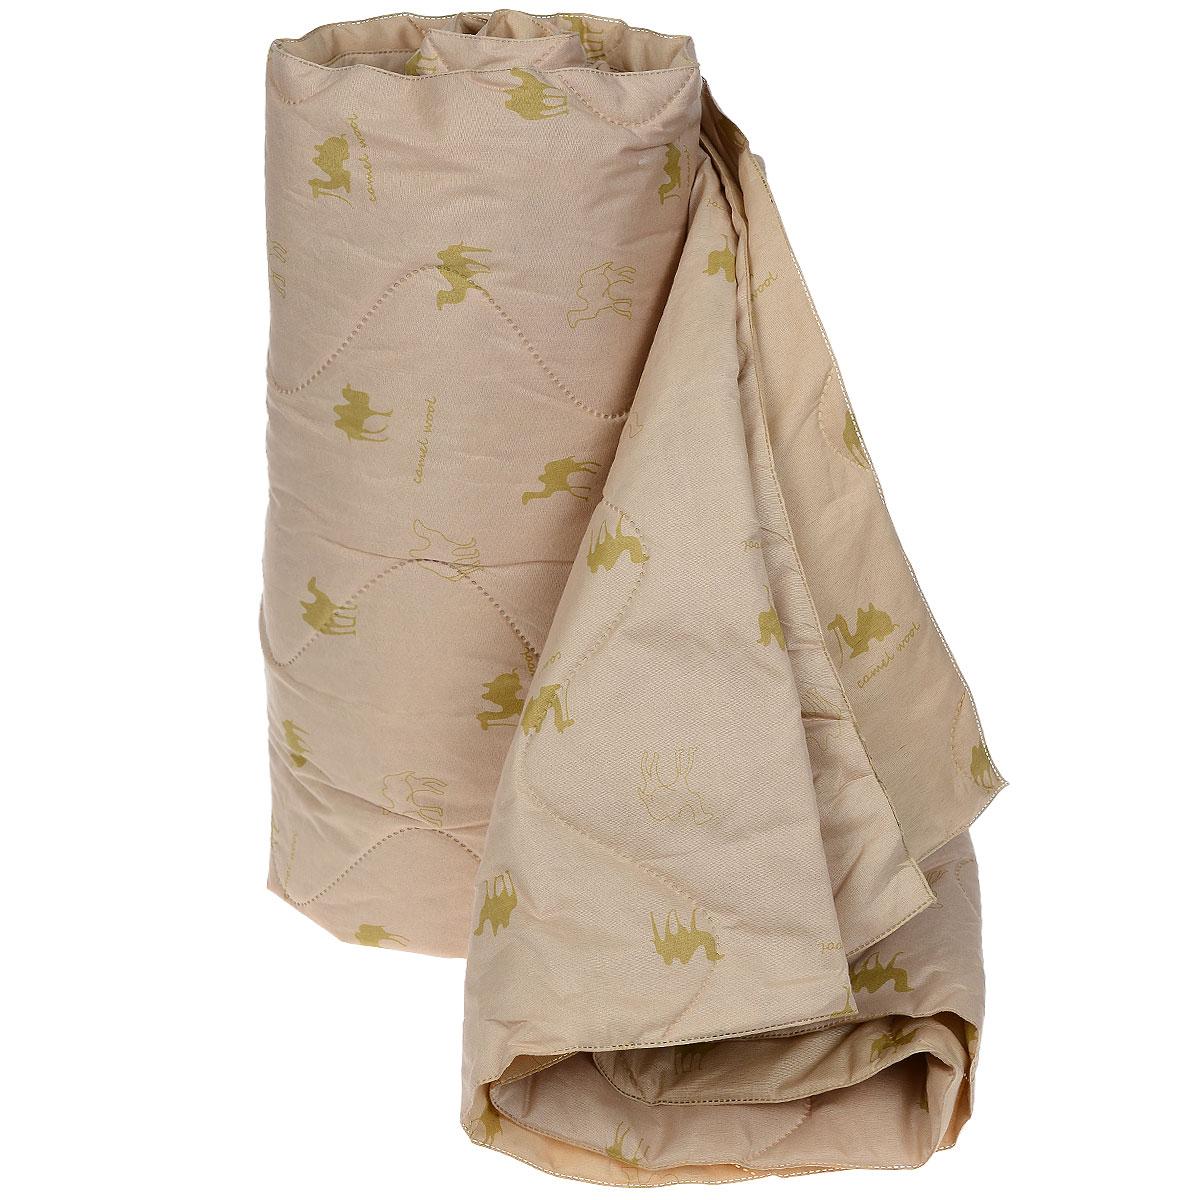 Одеяло Подушкино Верблюжье, наполнитель: шерсть, вискоза, 172 х 205 см531-103Одеяло Подушкино Верблюжье порадует вас своим теплом и качеством!Чехол одеяла изготовлен из инновационного материала - биософт с фигурной безниточной стежкой, наполнитель - 40% верблюжья шерсть и 60% вискоза.Биософт - ткань из полиэстеровой нити с плотной и шелковистой на ощупь структурой. Легко стирается, не деформируется, не садится, быстро сохнет и сохраняет цвет на долгое время. Изделия из этой ткани очень легкие. Верблюжья шерсть давно оценена потребителями за исключительные достоинства, присущие только ей: - оздоравливающие свойства - благодаря содержанию ланолина нейтрализует токсины, улучшает микроциркуляцию кожи, расширяет сосуды, усиливает обмен веществ и помогает избавиться от ревматических болей; - воздухопроницаемость - полая структура волоса позволяет воздуху свободно циркулировать внутри изделий; - гипоаллергенность. Размер одеяла: 172 см х 205 см.